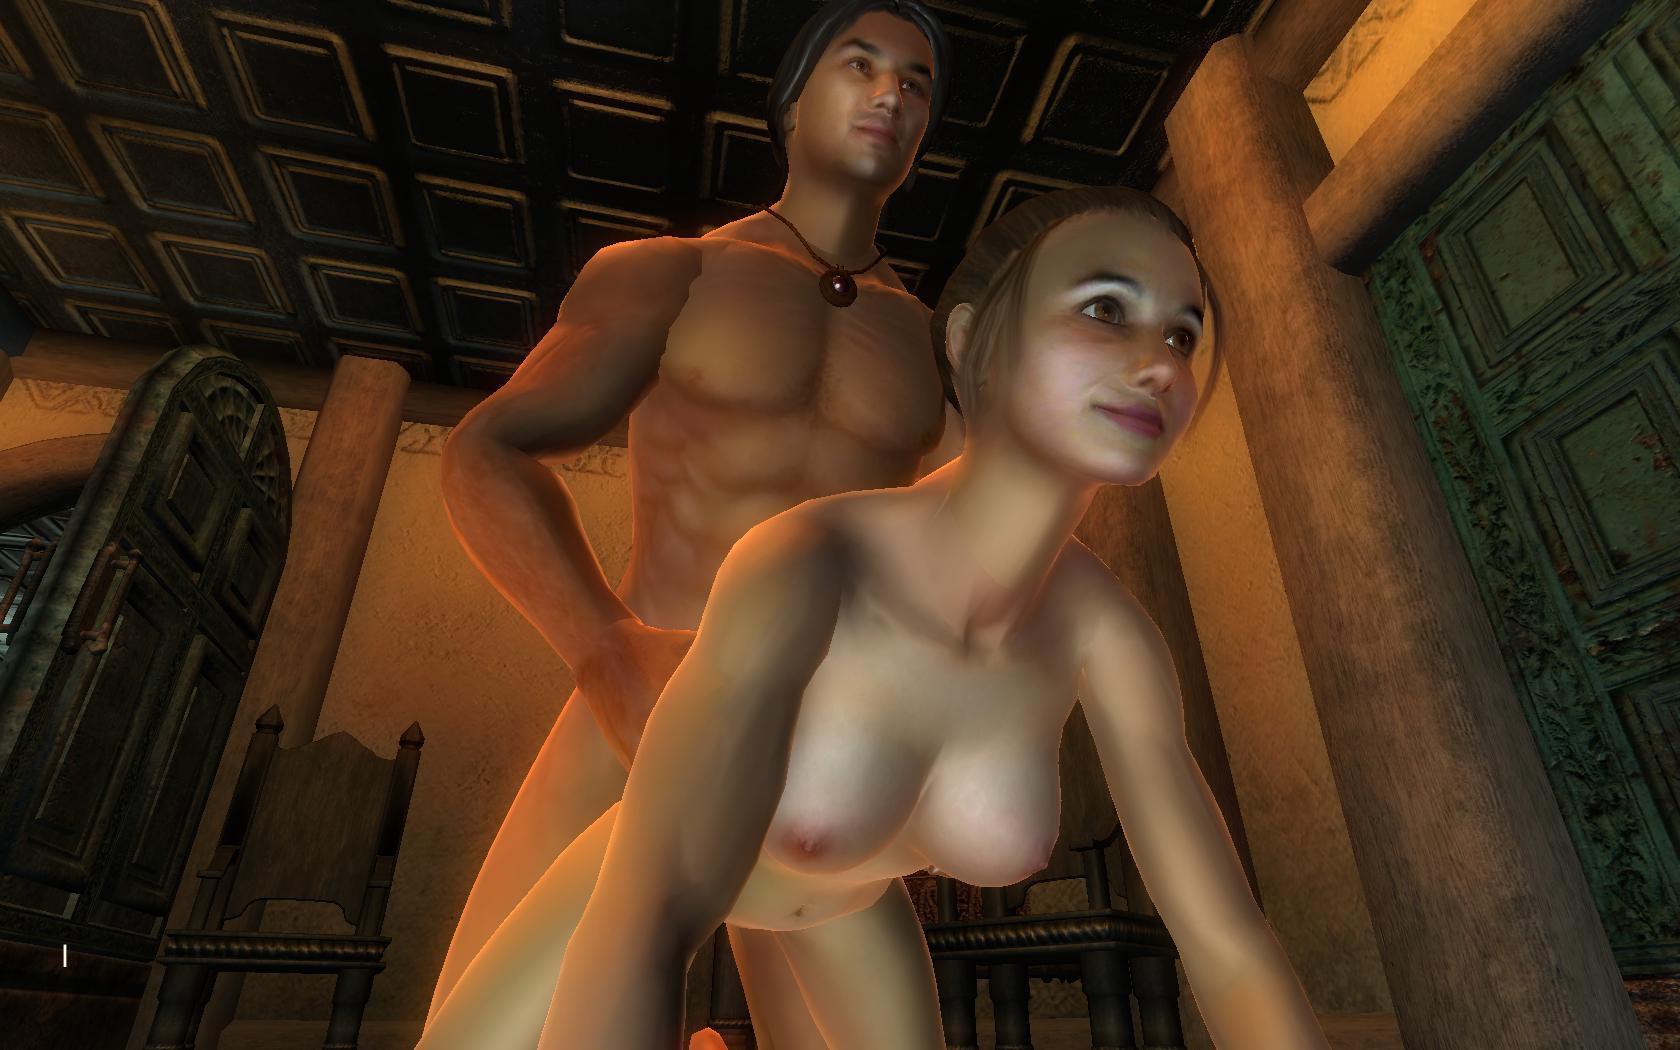 Порно моды для щидшмшщт